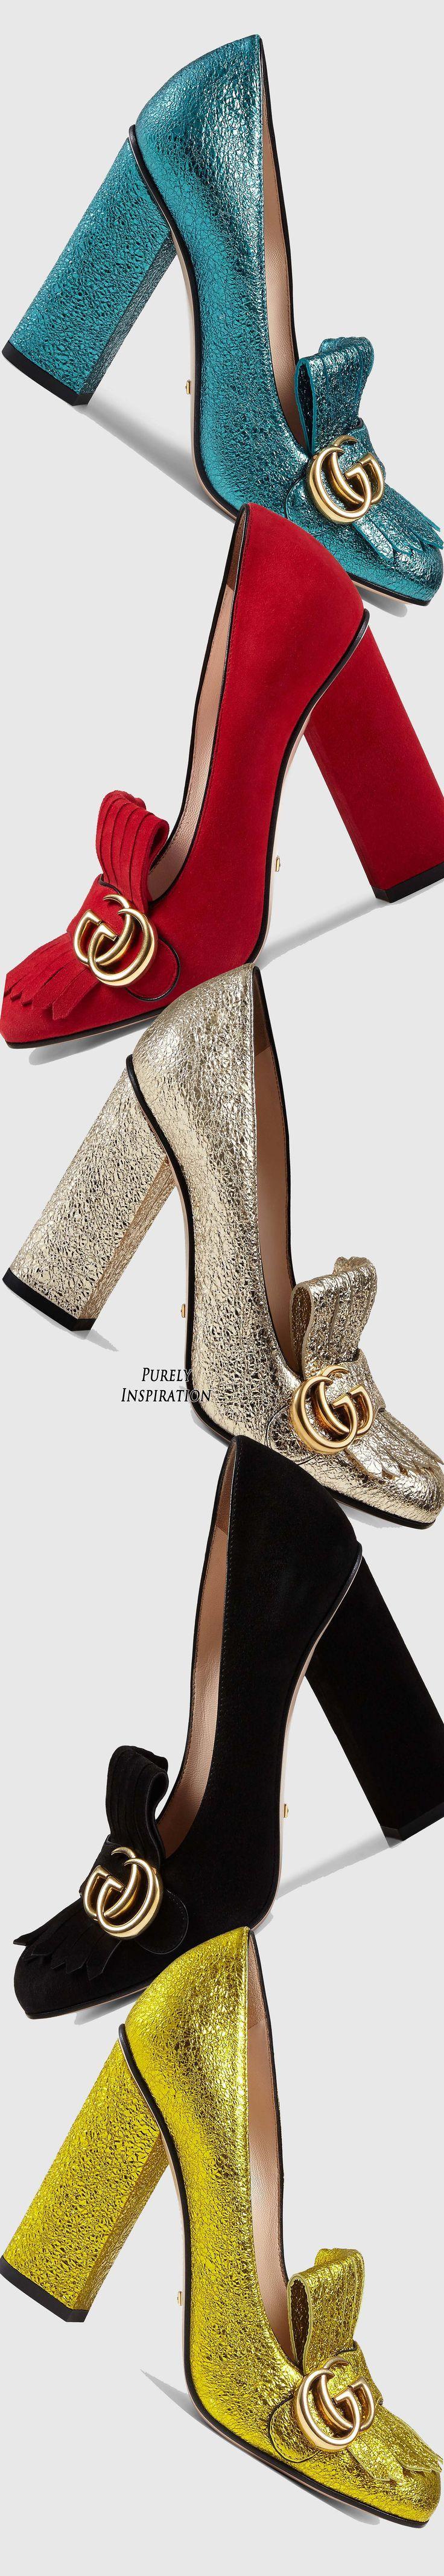 66eb7db632 Gucci Chaussures : Escarpins en cuir Gucci   Purement inspiration ...